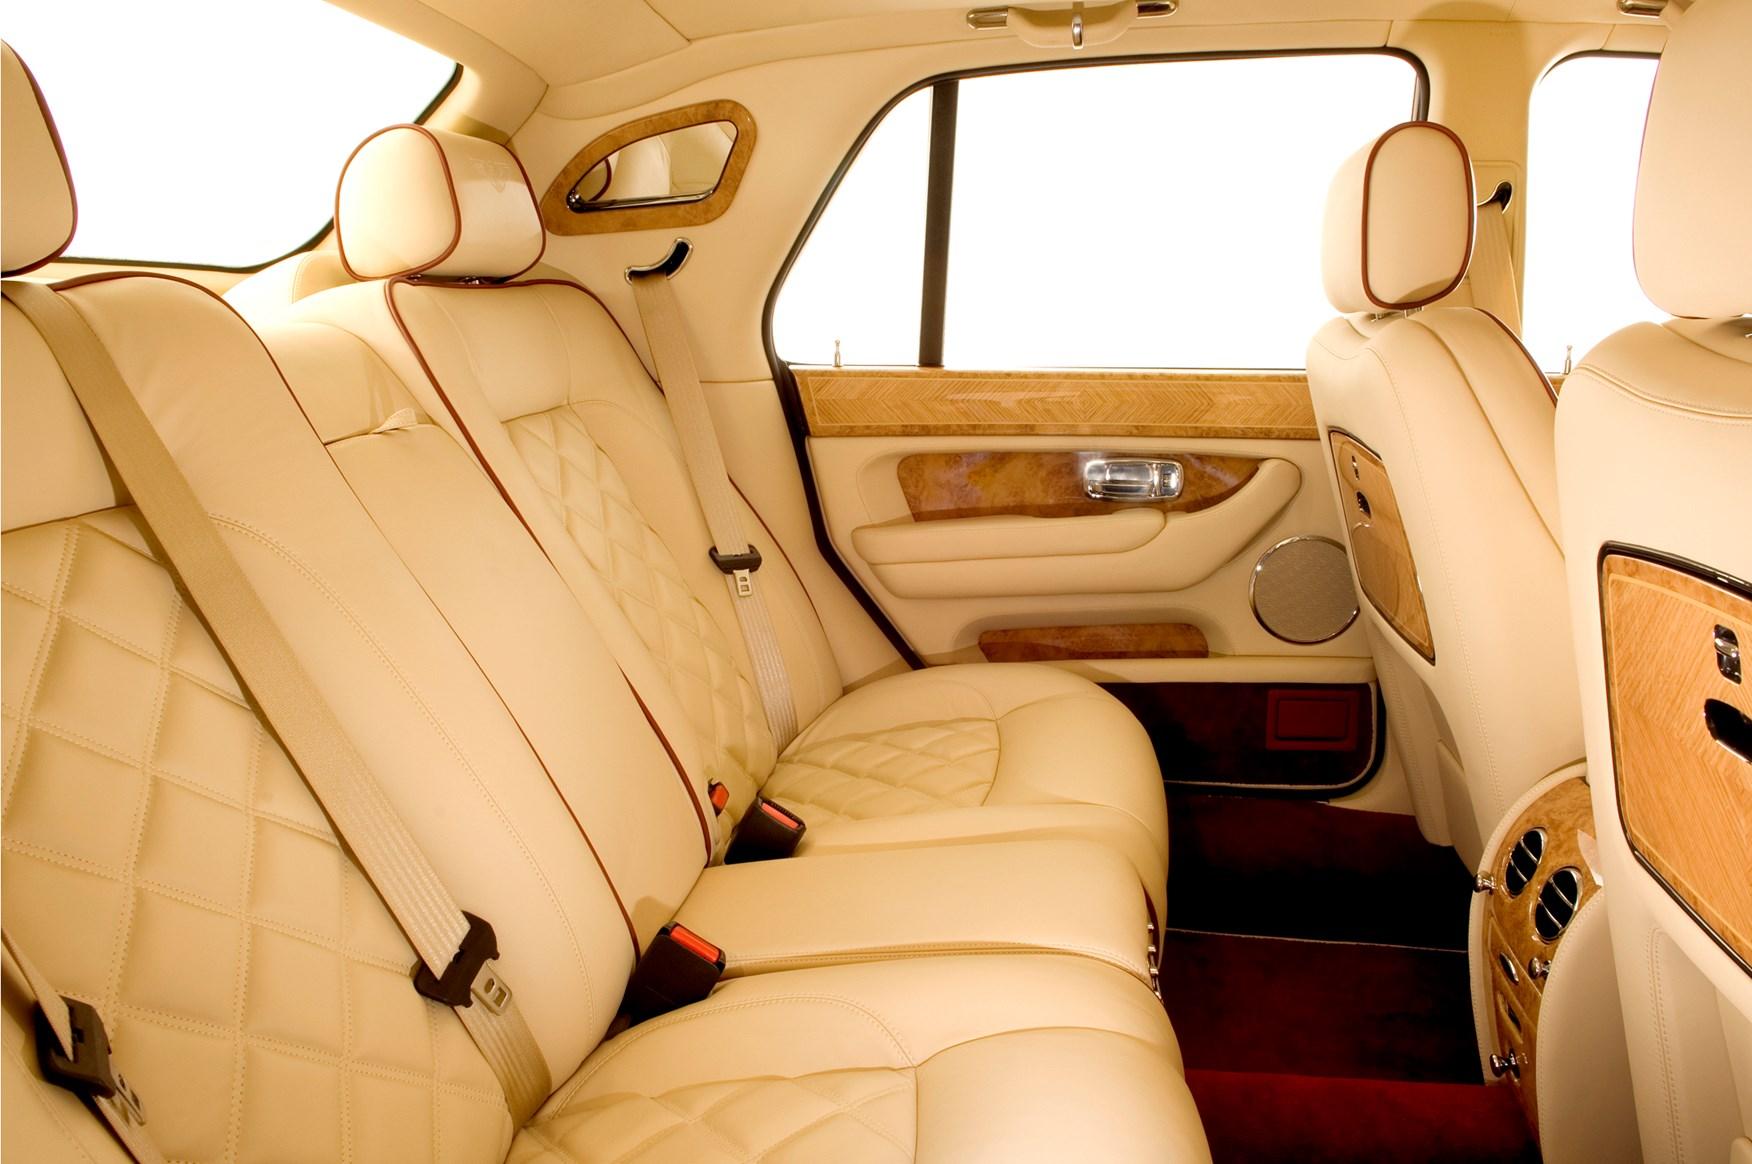 Bentley Bentayga For Sale >> Bentley Arnage Saloon Review (1998 - 2009) | Parkers